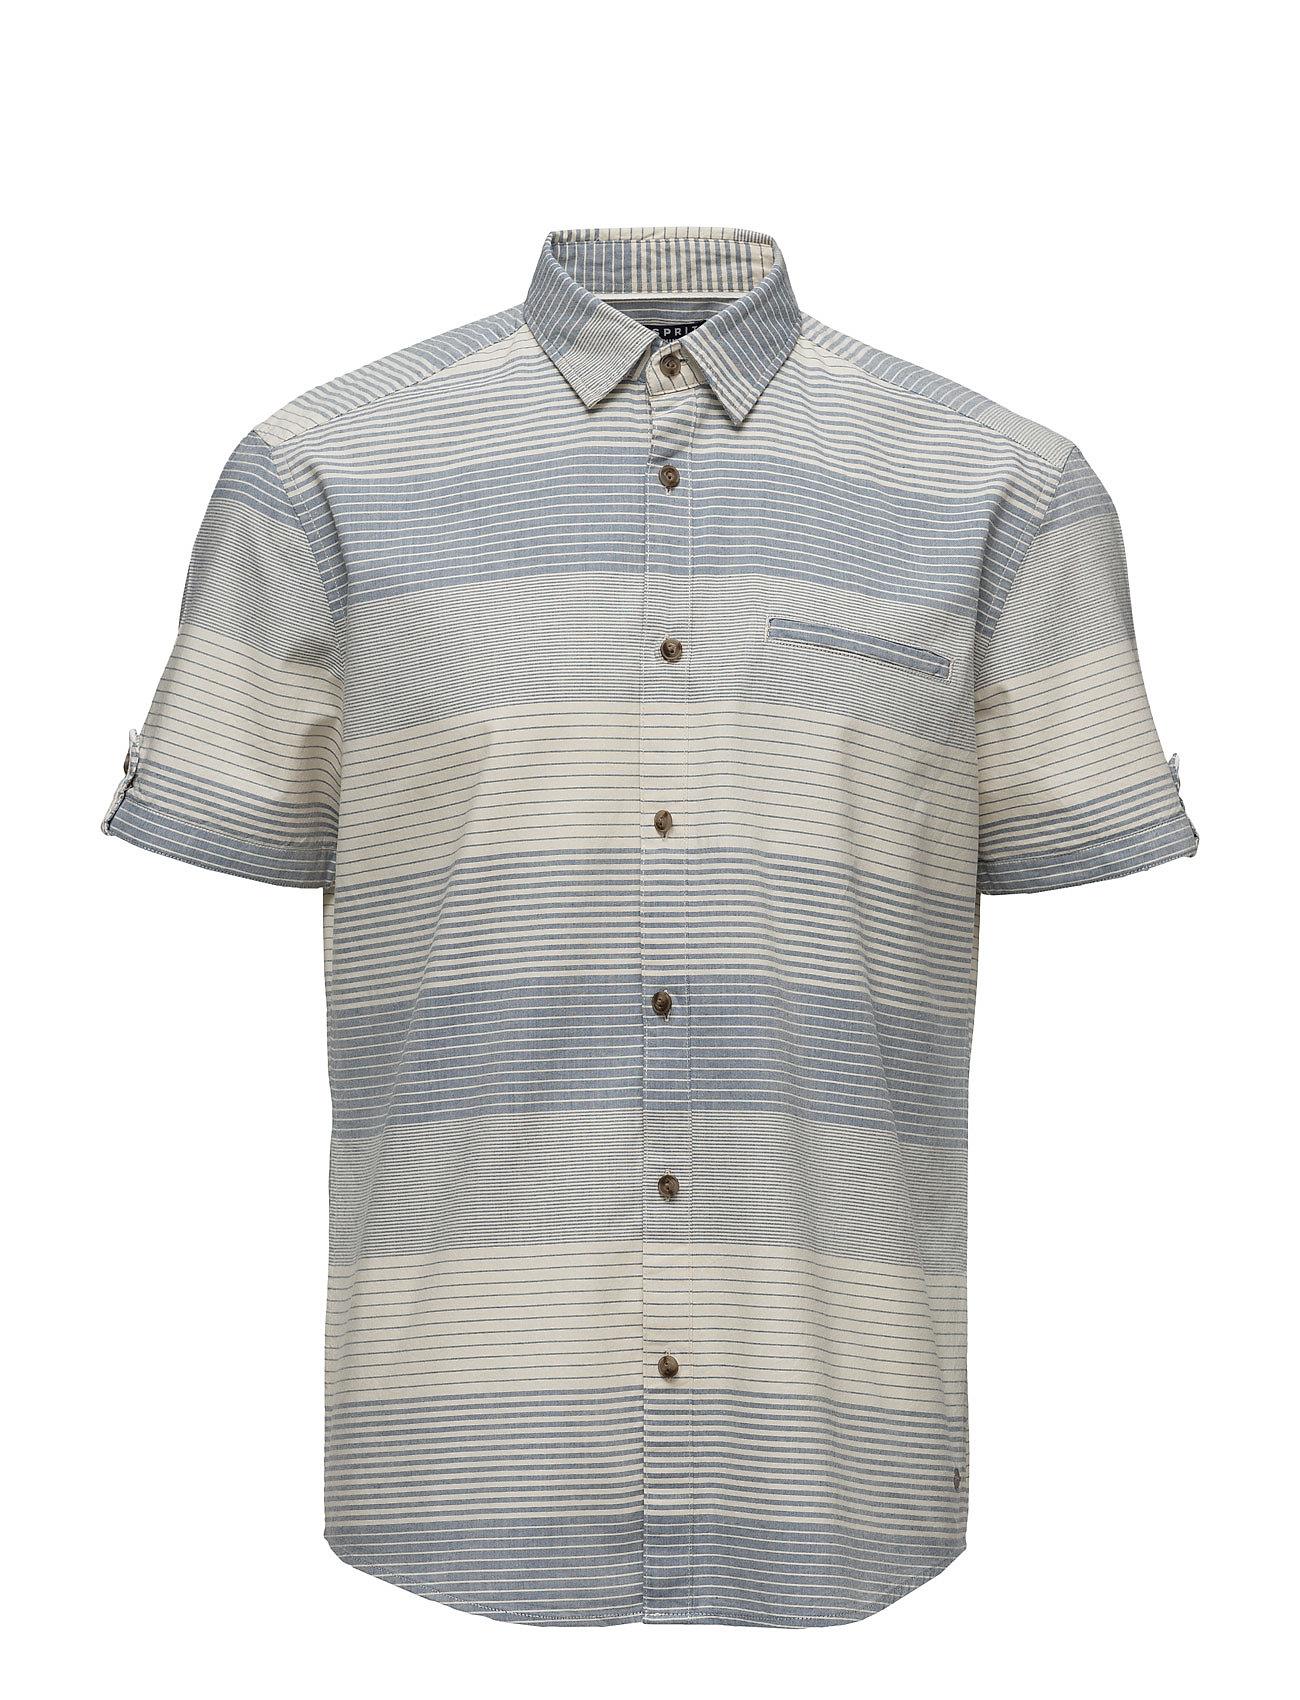 Shirts Woven Esprit Casual Kortærmede til Herrer i Off White